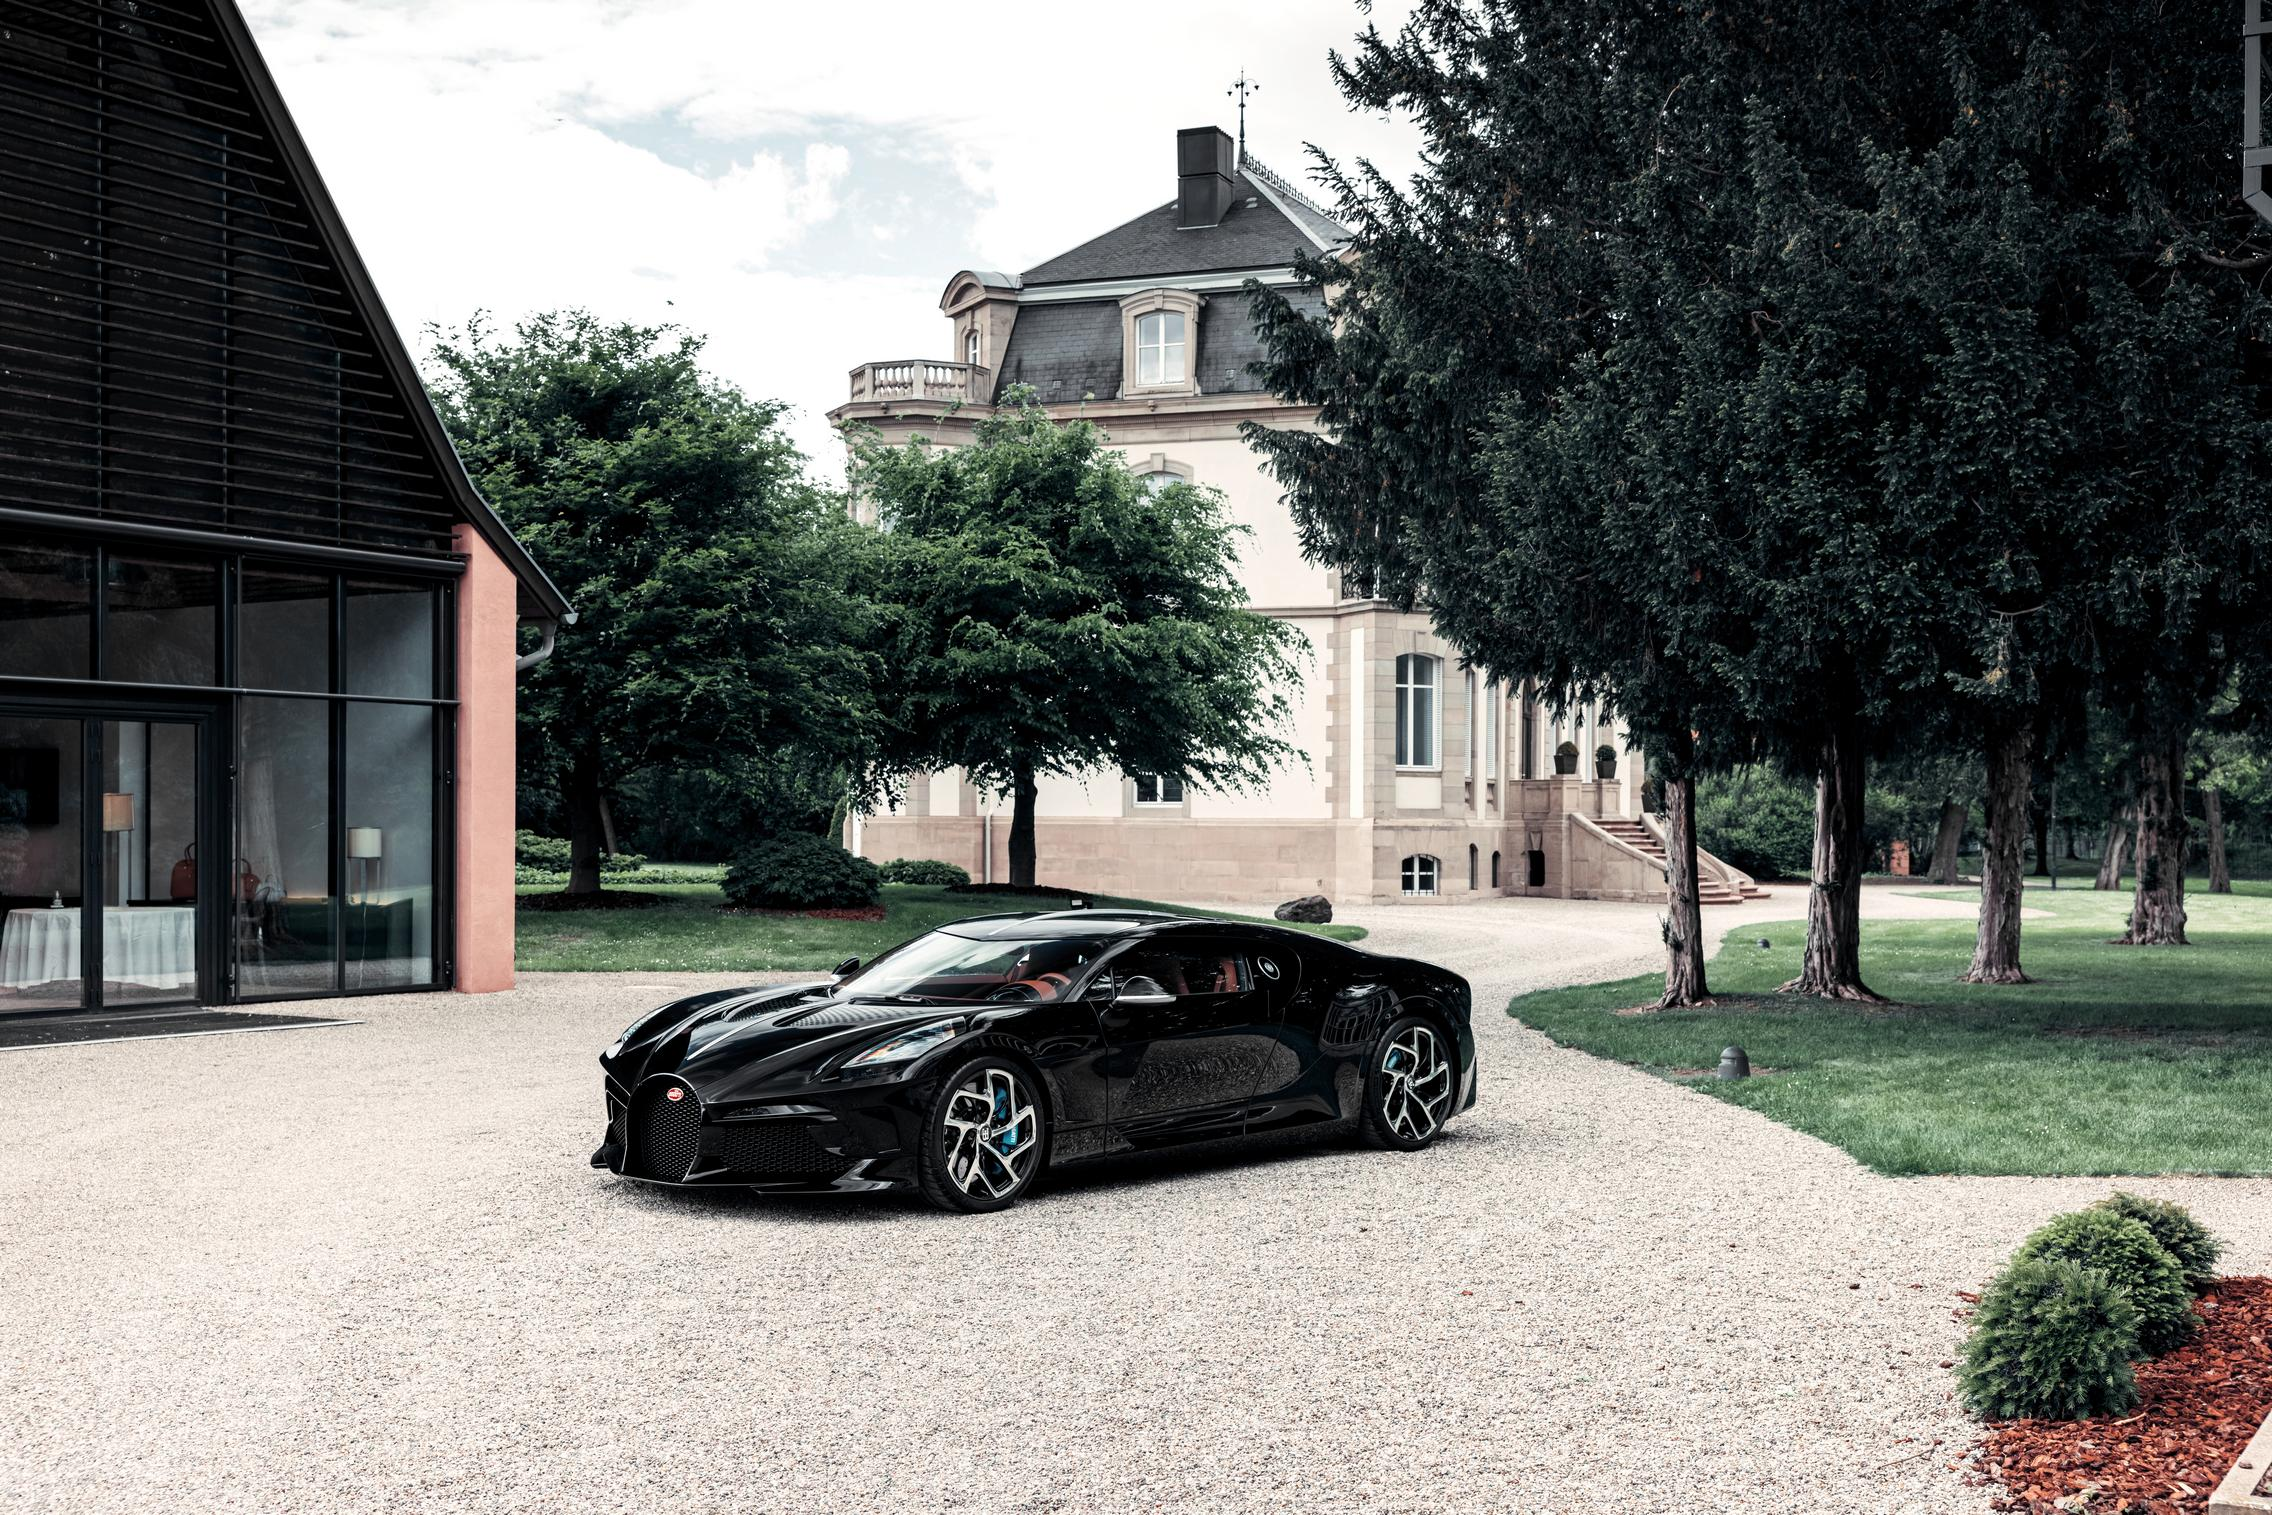 Bugatti La Voiture Noire price